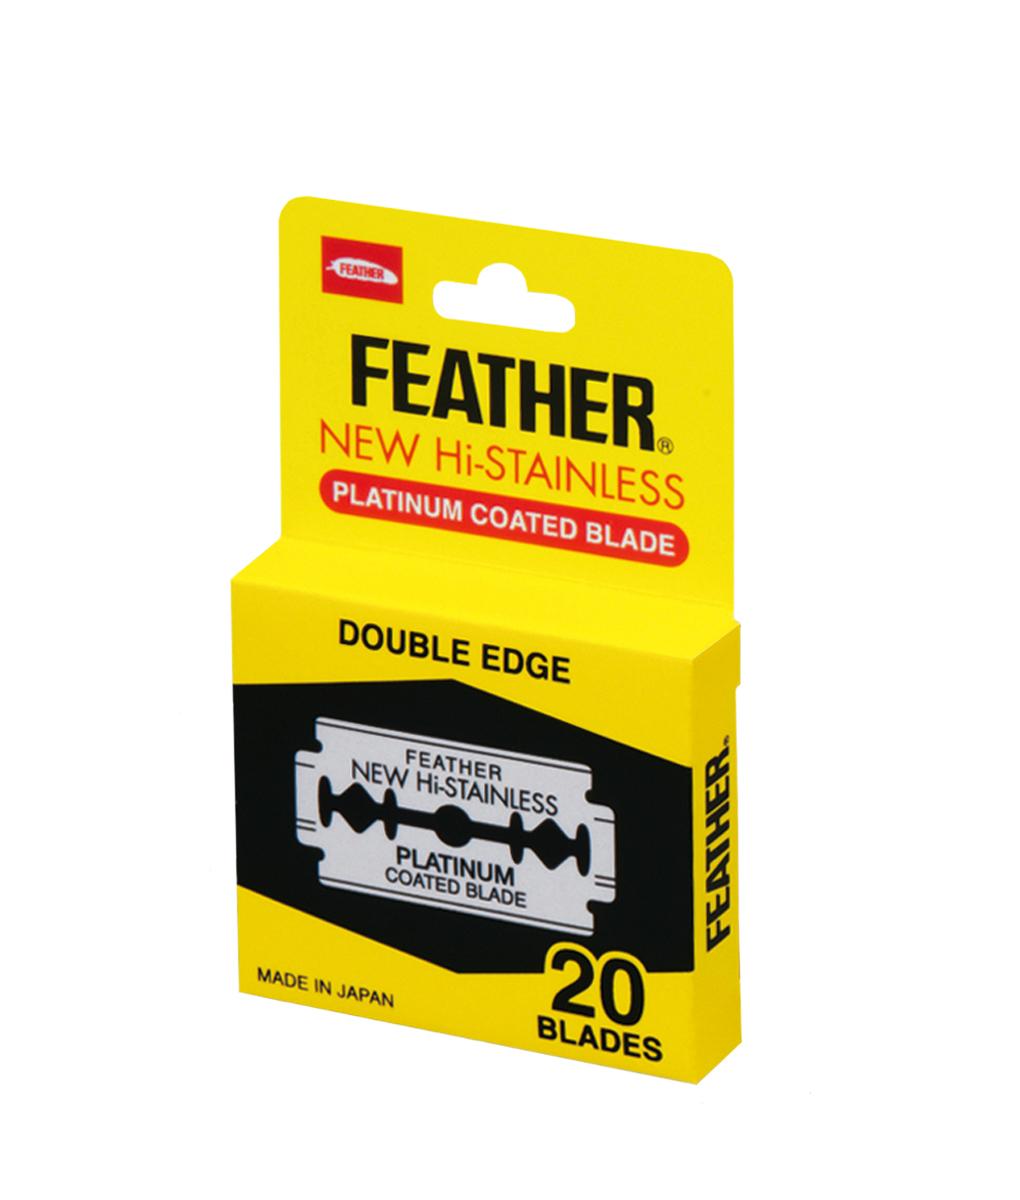 Feather Двусторонние лезвия 81S-2, 20 штук2101-WX-01Обоюдоострые лезвия из высококлассной нержавеющей стали с платиновым покрытием. В диспенсере 20 лезвий. Подходят не только для бритв Feather.